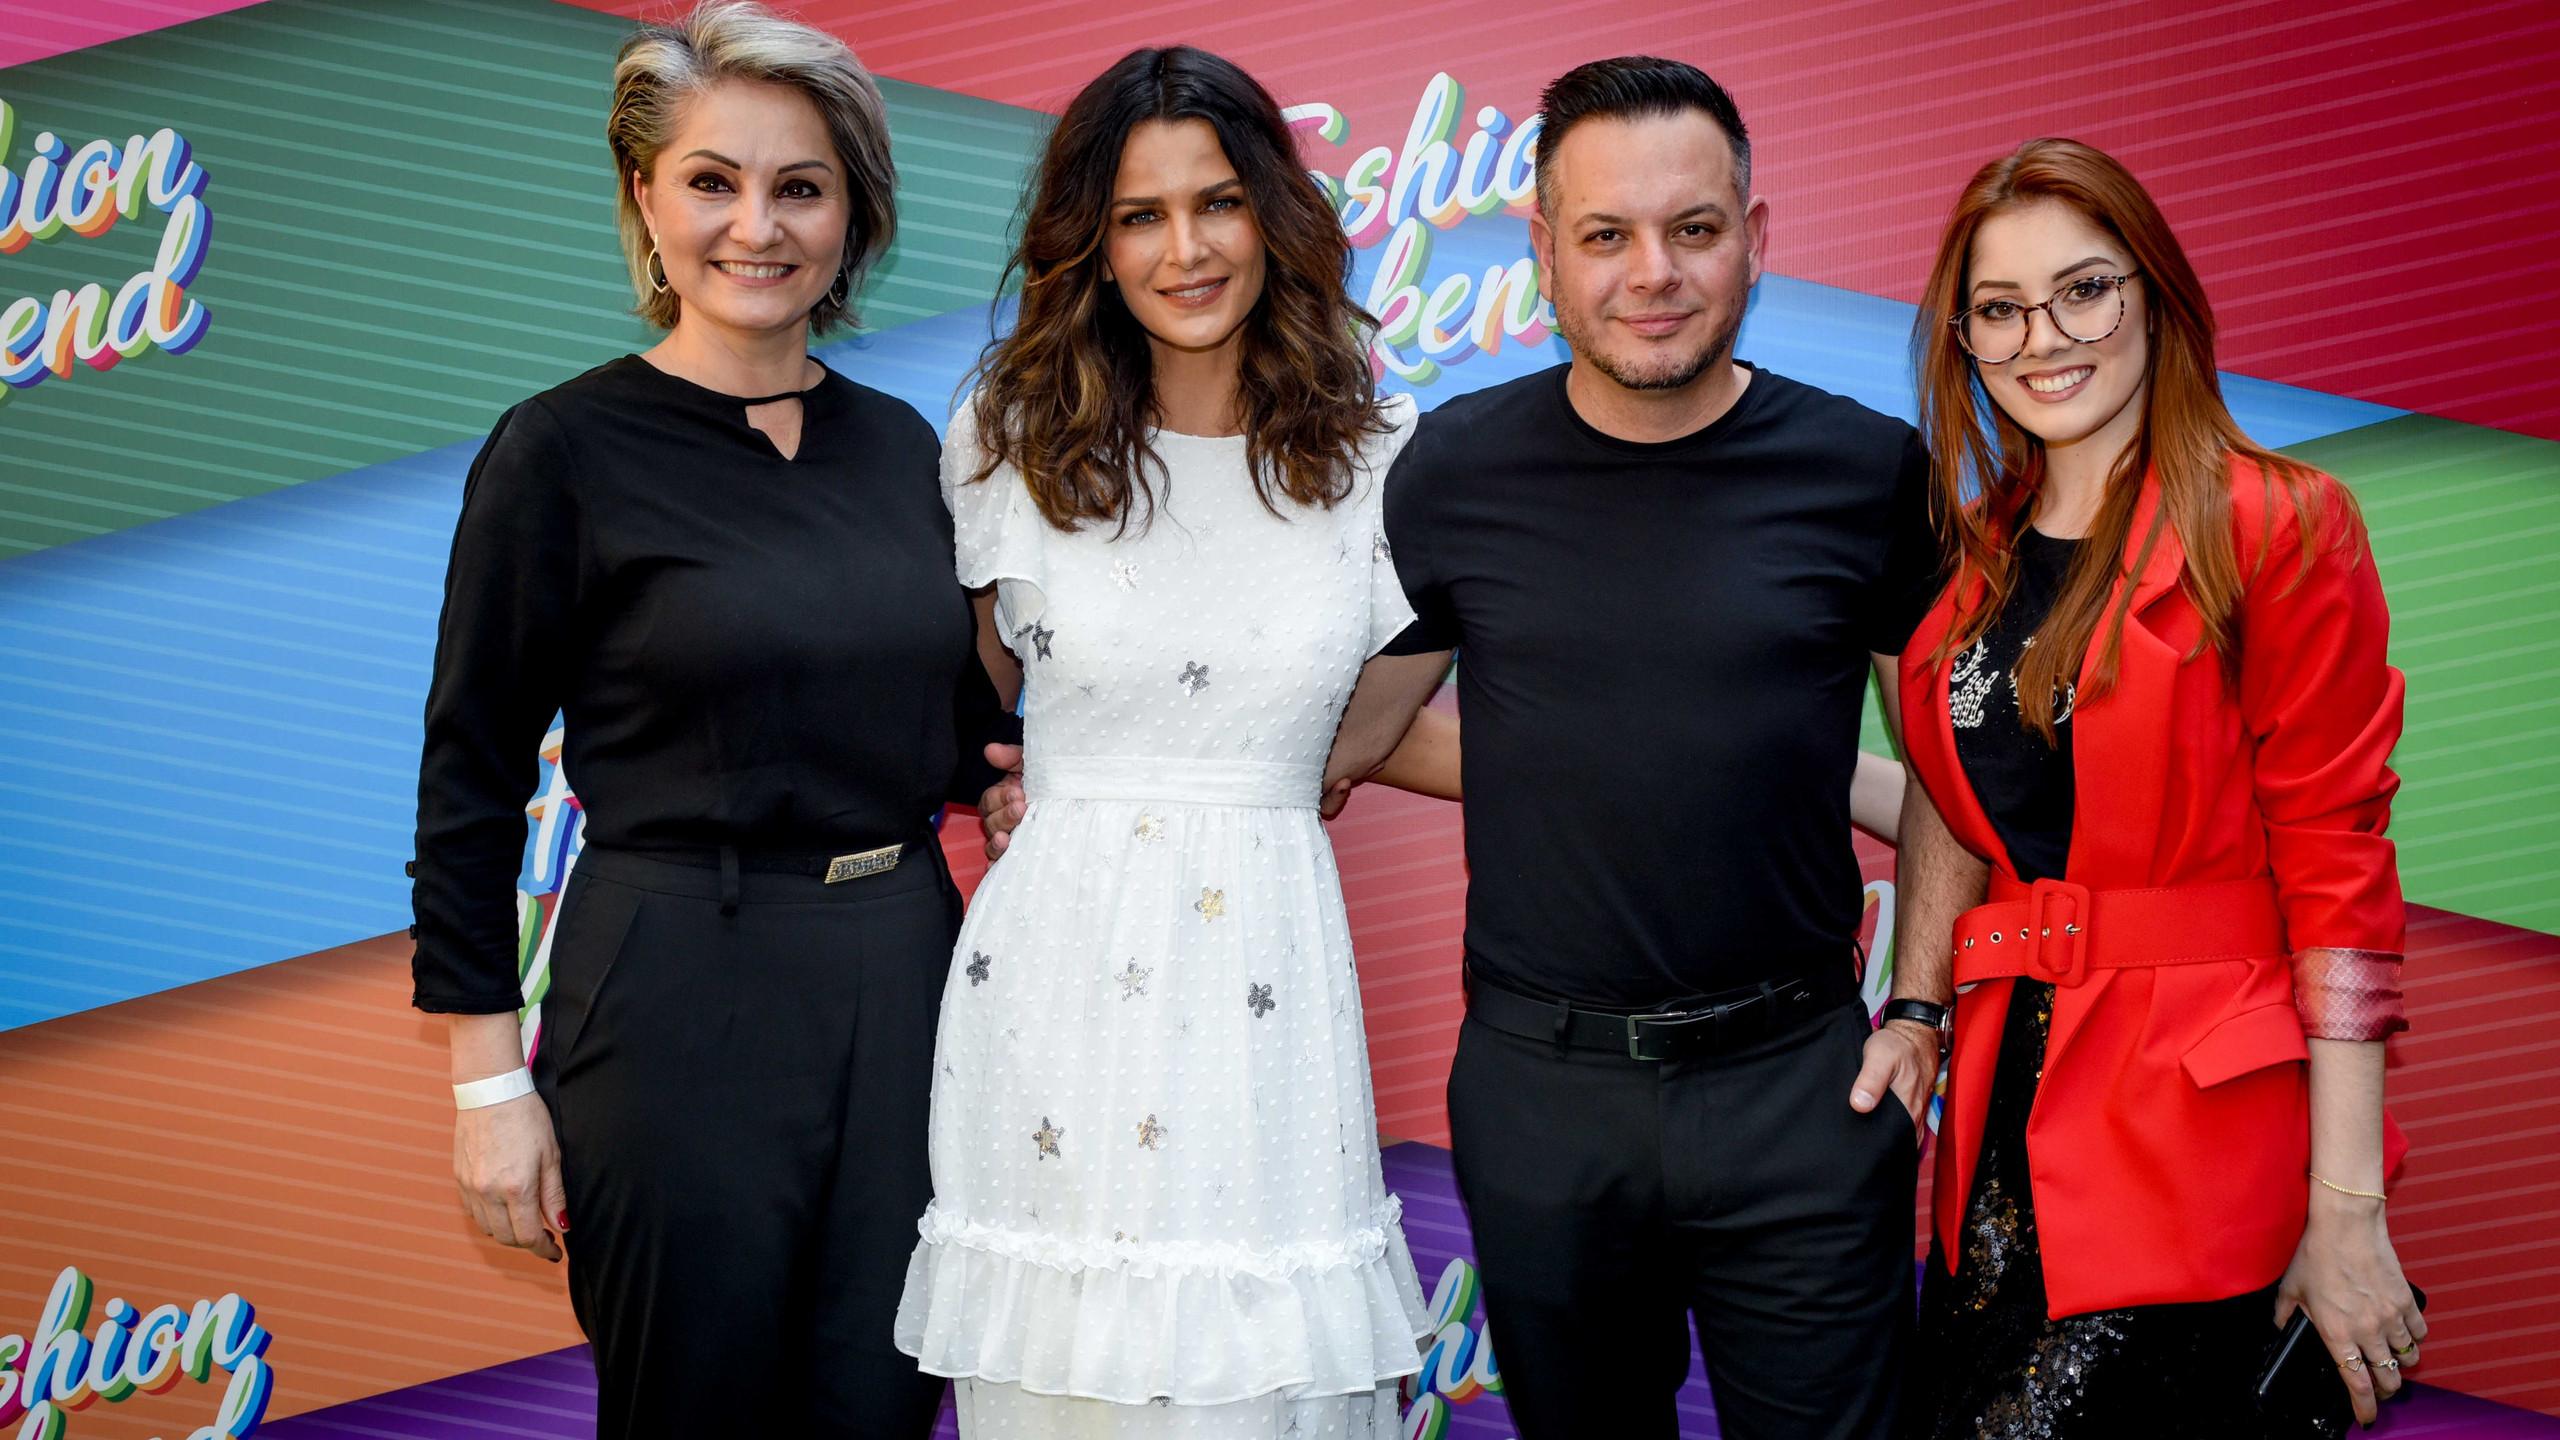 Andrea Bernardo , Fernanda Motta, Daniel Fonseca e Moara Valim - equipe Petit Cherie